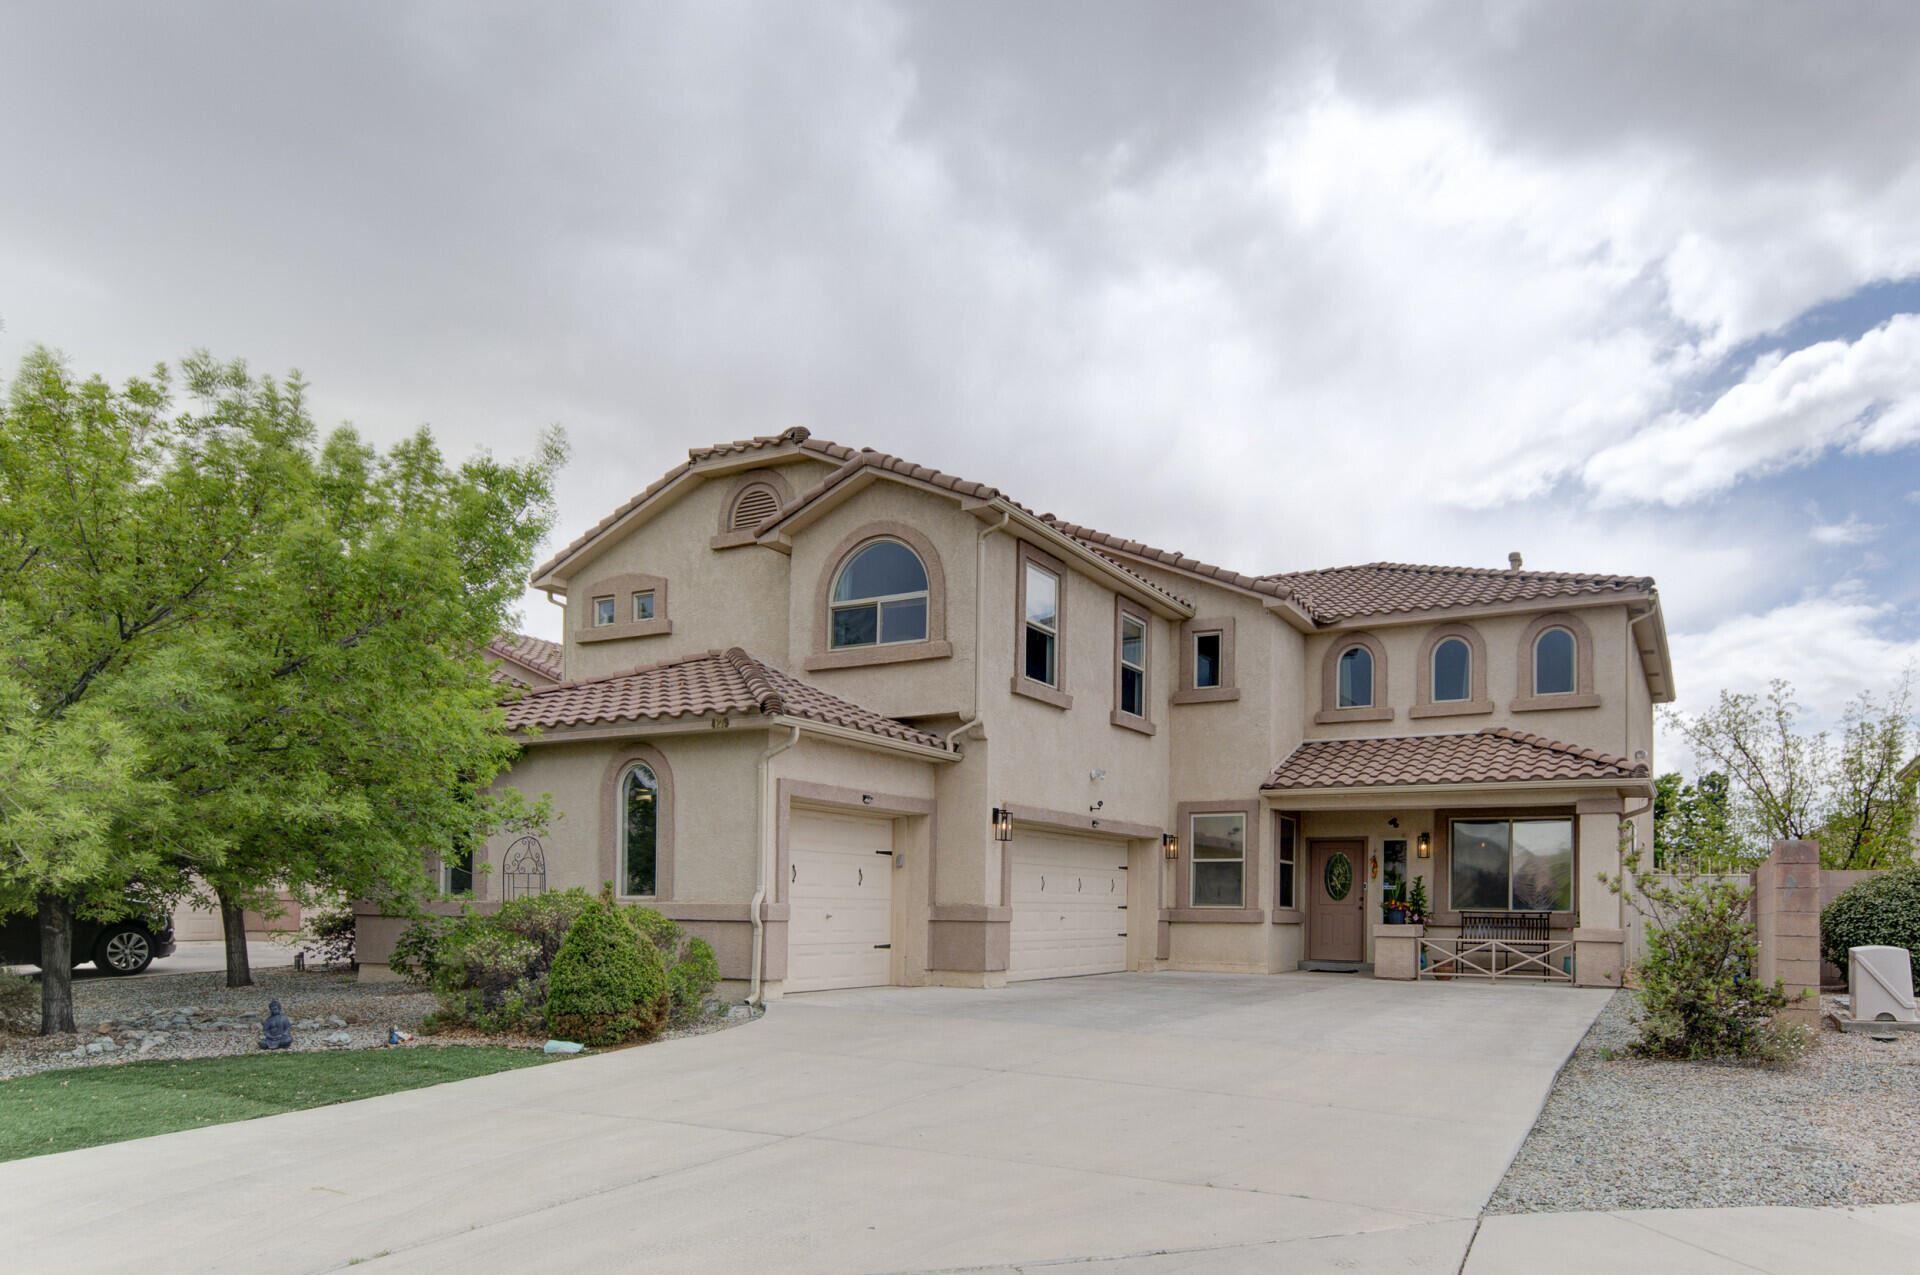 4219 MESA RINCON Drive NW, Albuquerque, NM 87120 - #: 990781